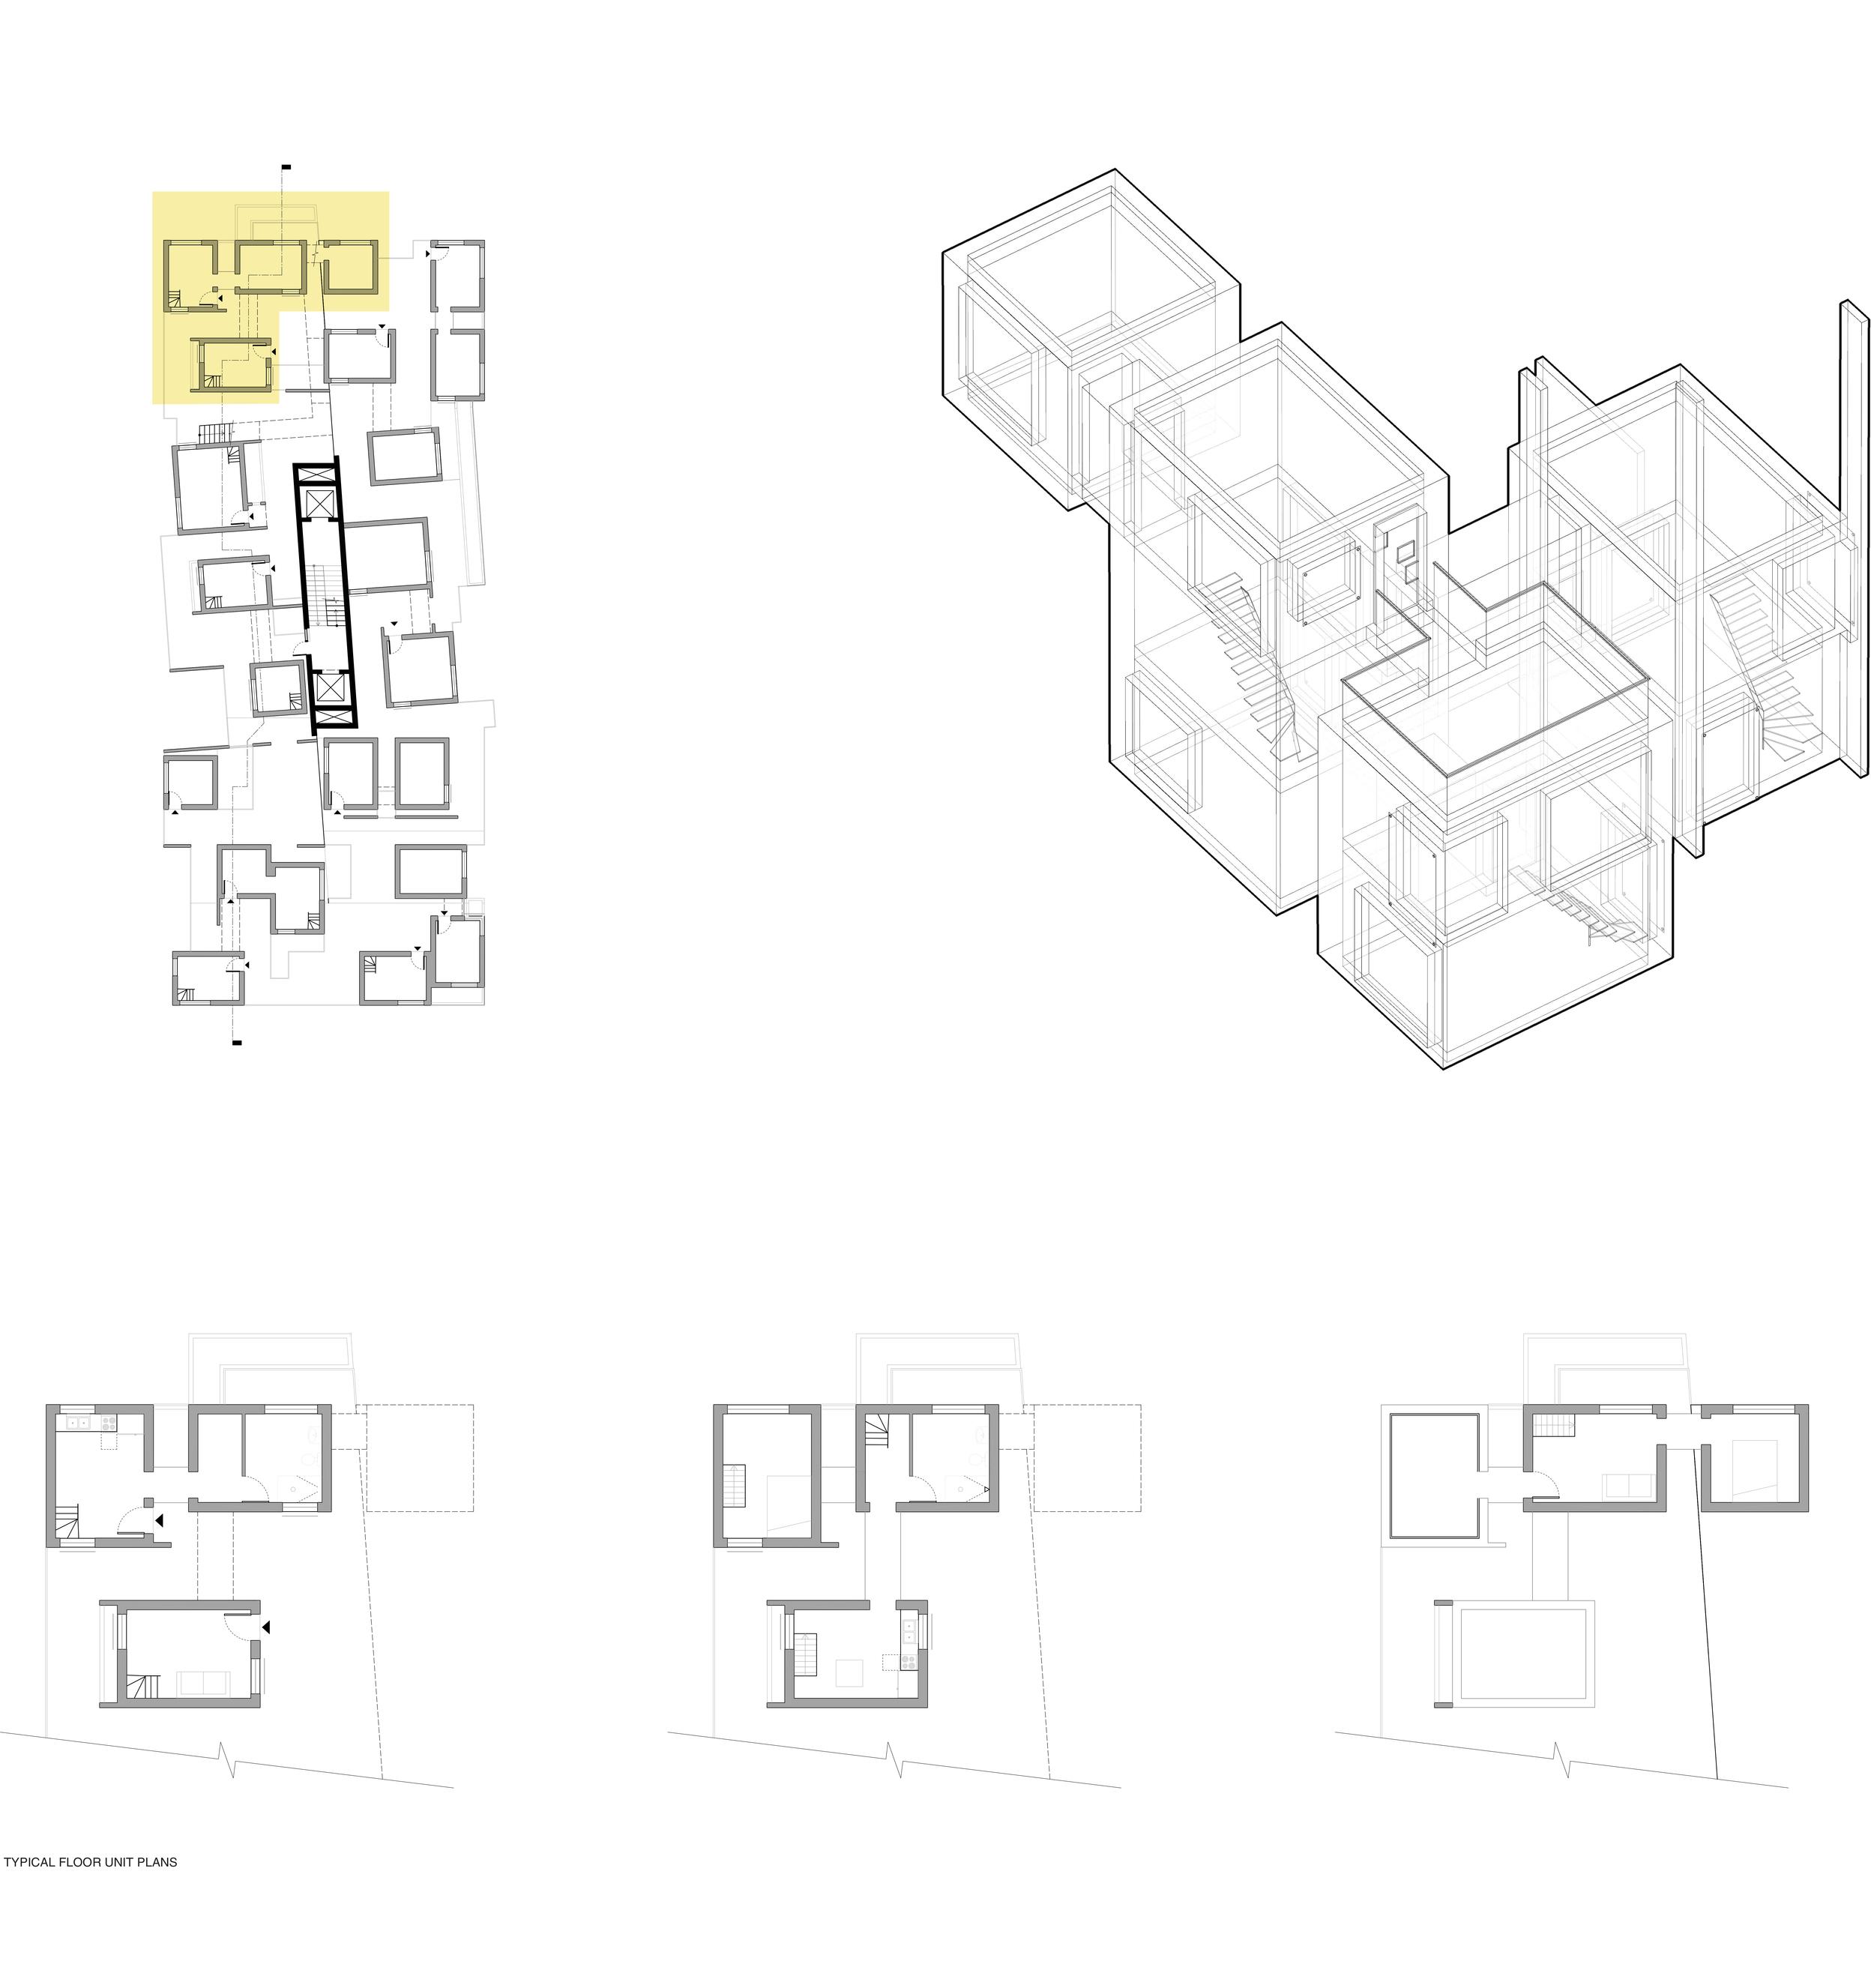 A46 512 07_Ruy_Taurasi_FL14_08_Typical Unit Plans & Axon.jpg